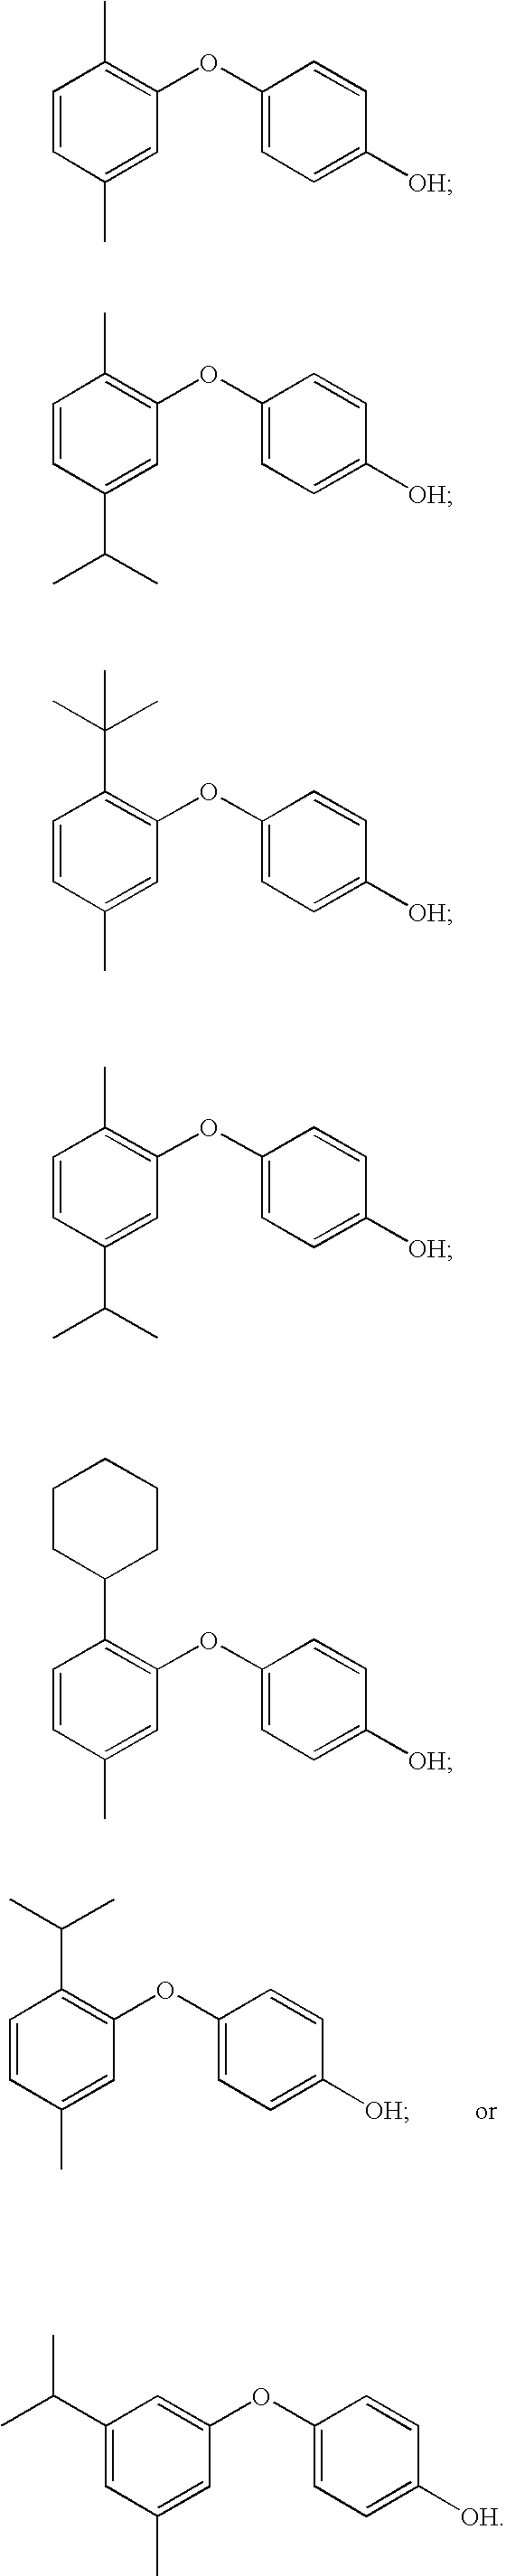 Figure US07041631-20060509-C00010